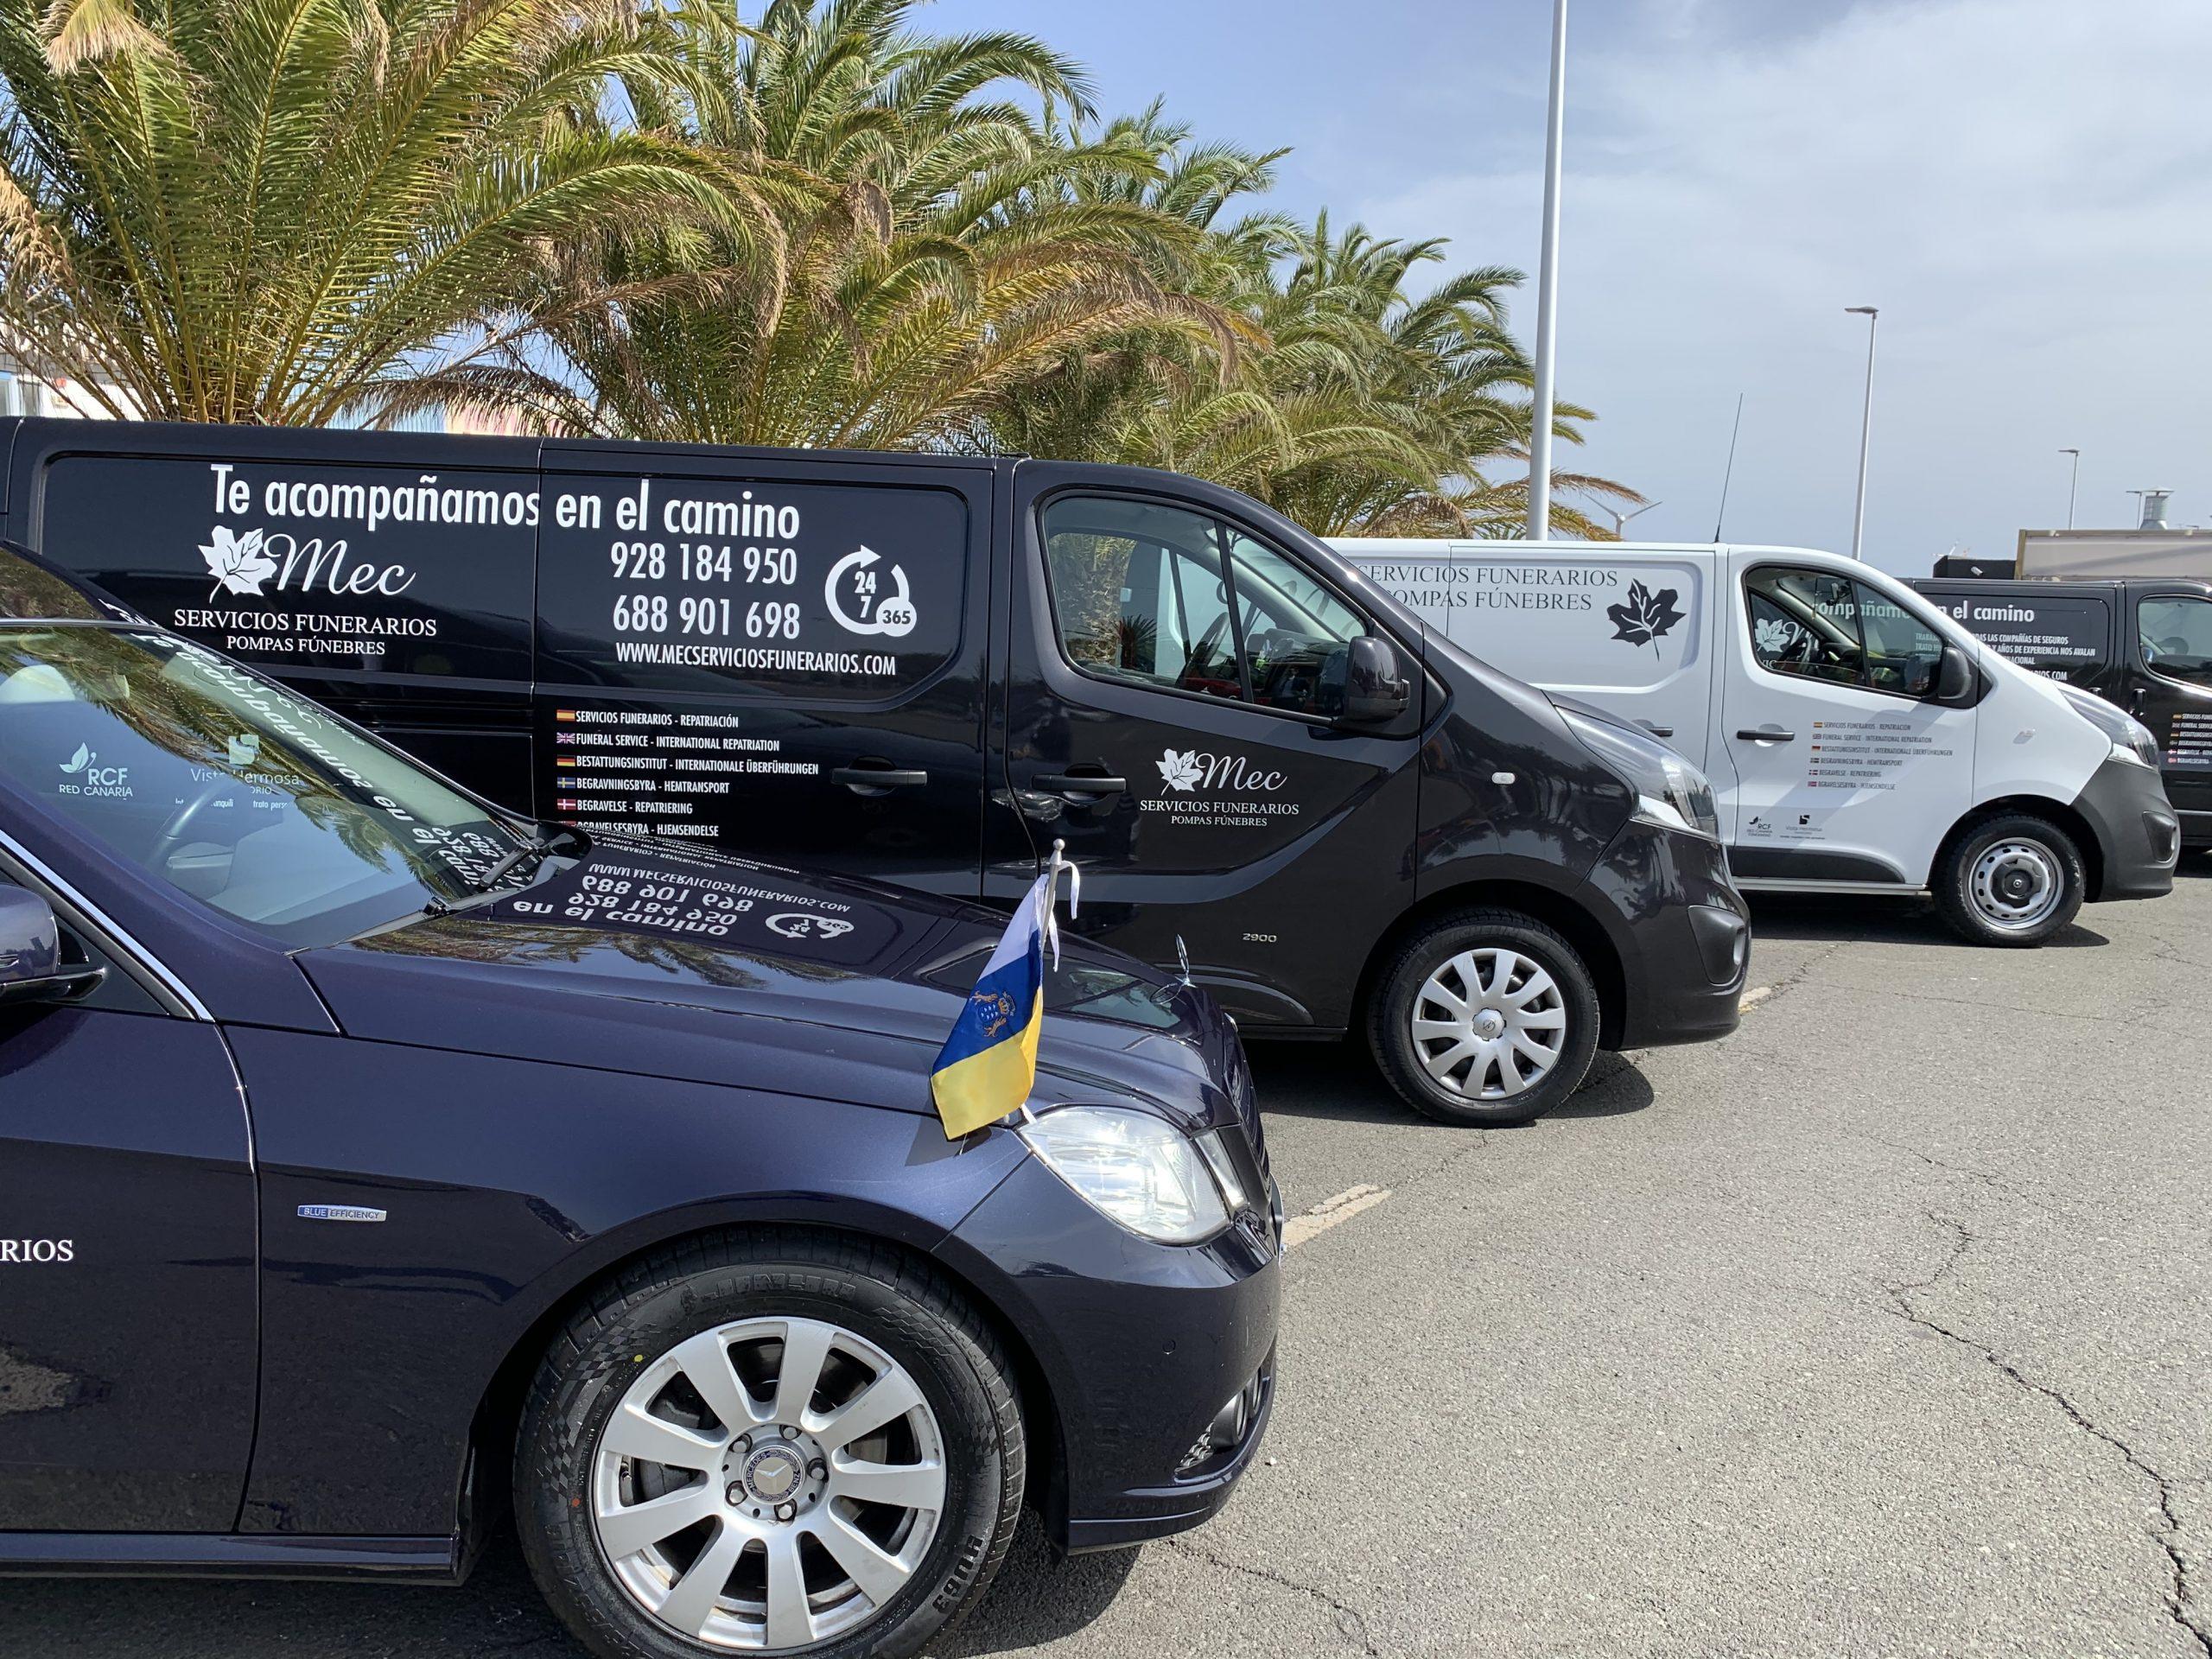 MEC Servicios Funerarios Es Tu Funeraria En Las Palmas